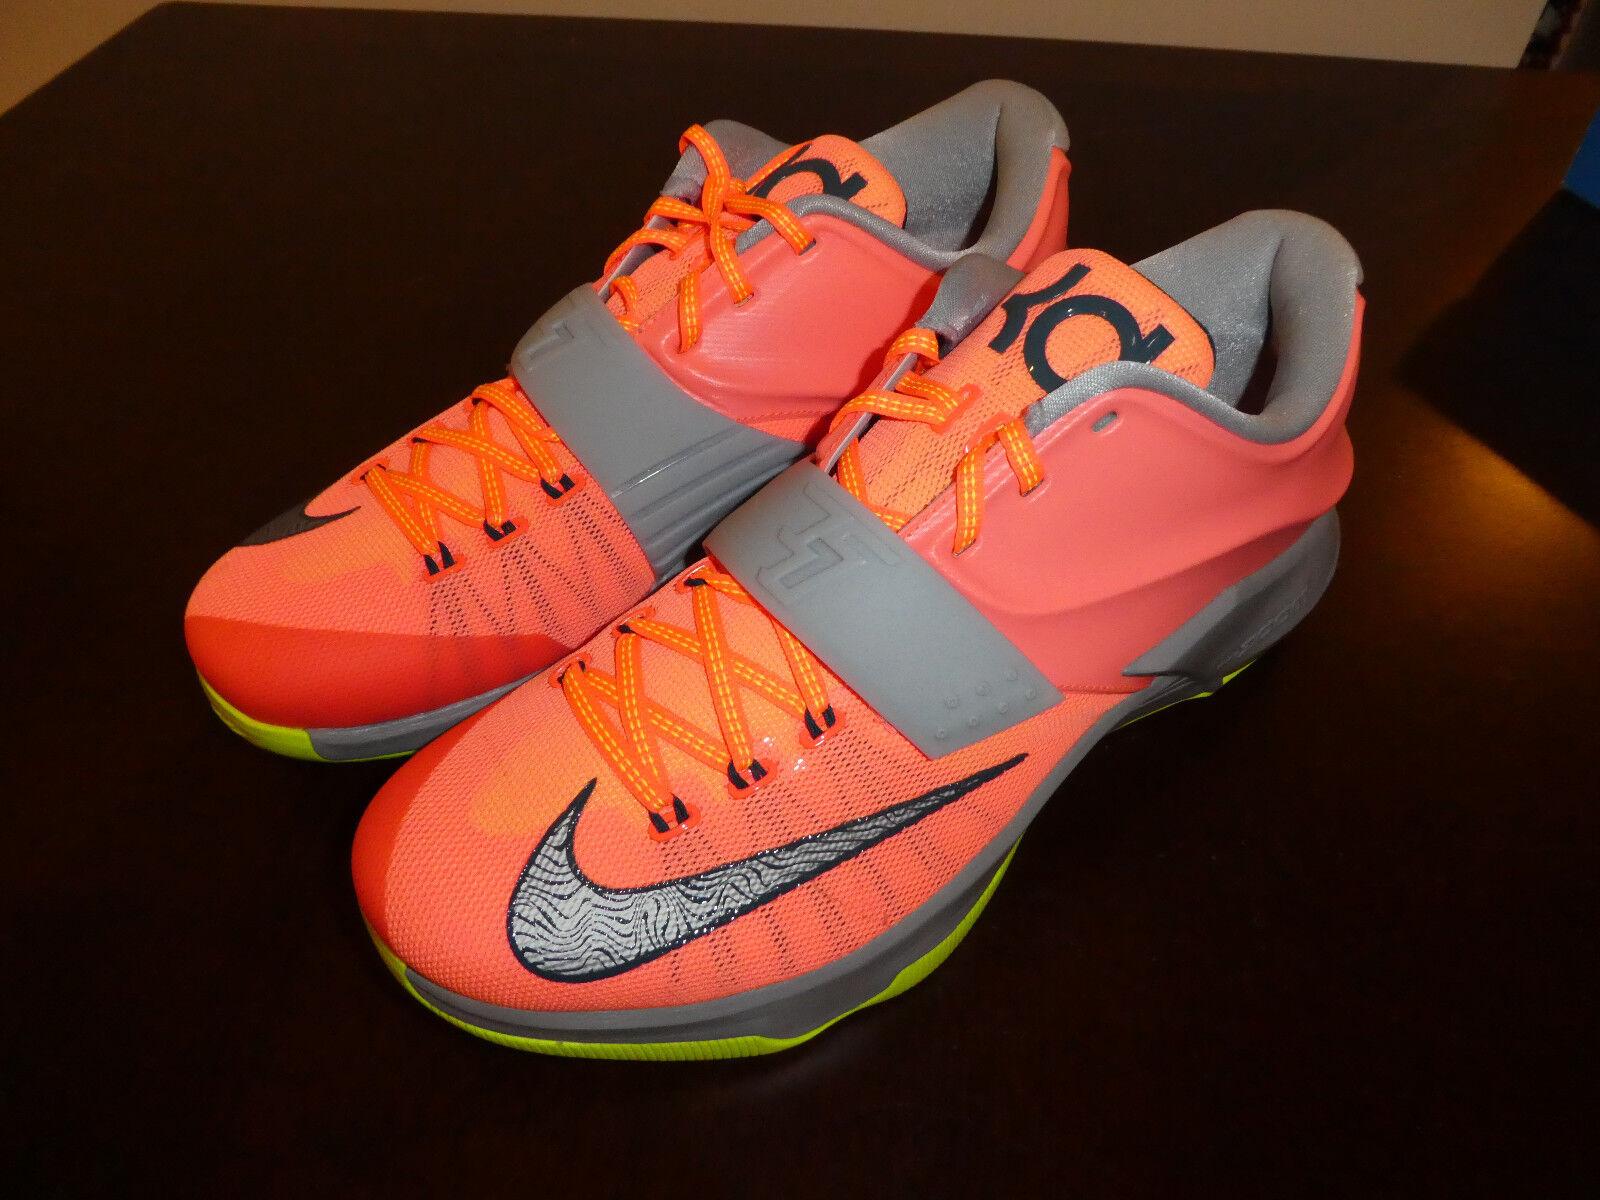 Nike kd vii schuhe neue turnschuhe größe größe größe 13 stil 653996 840 mango bdd8b2